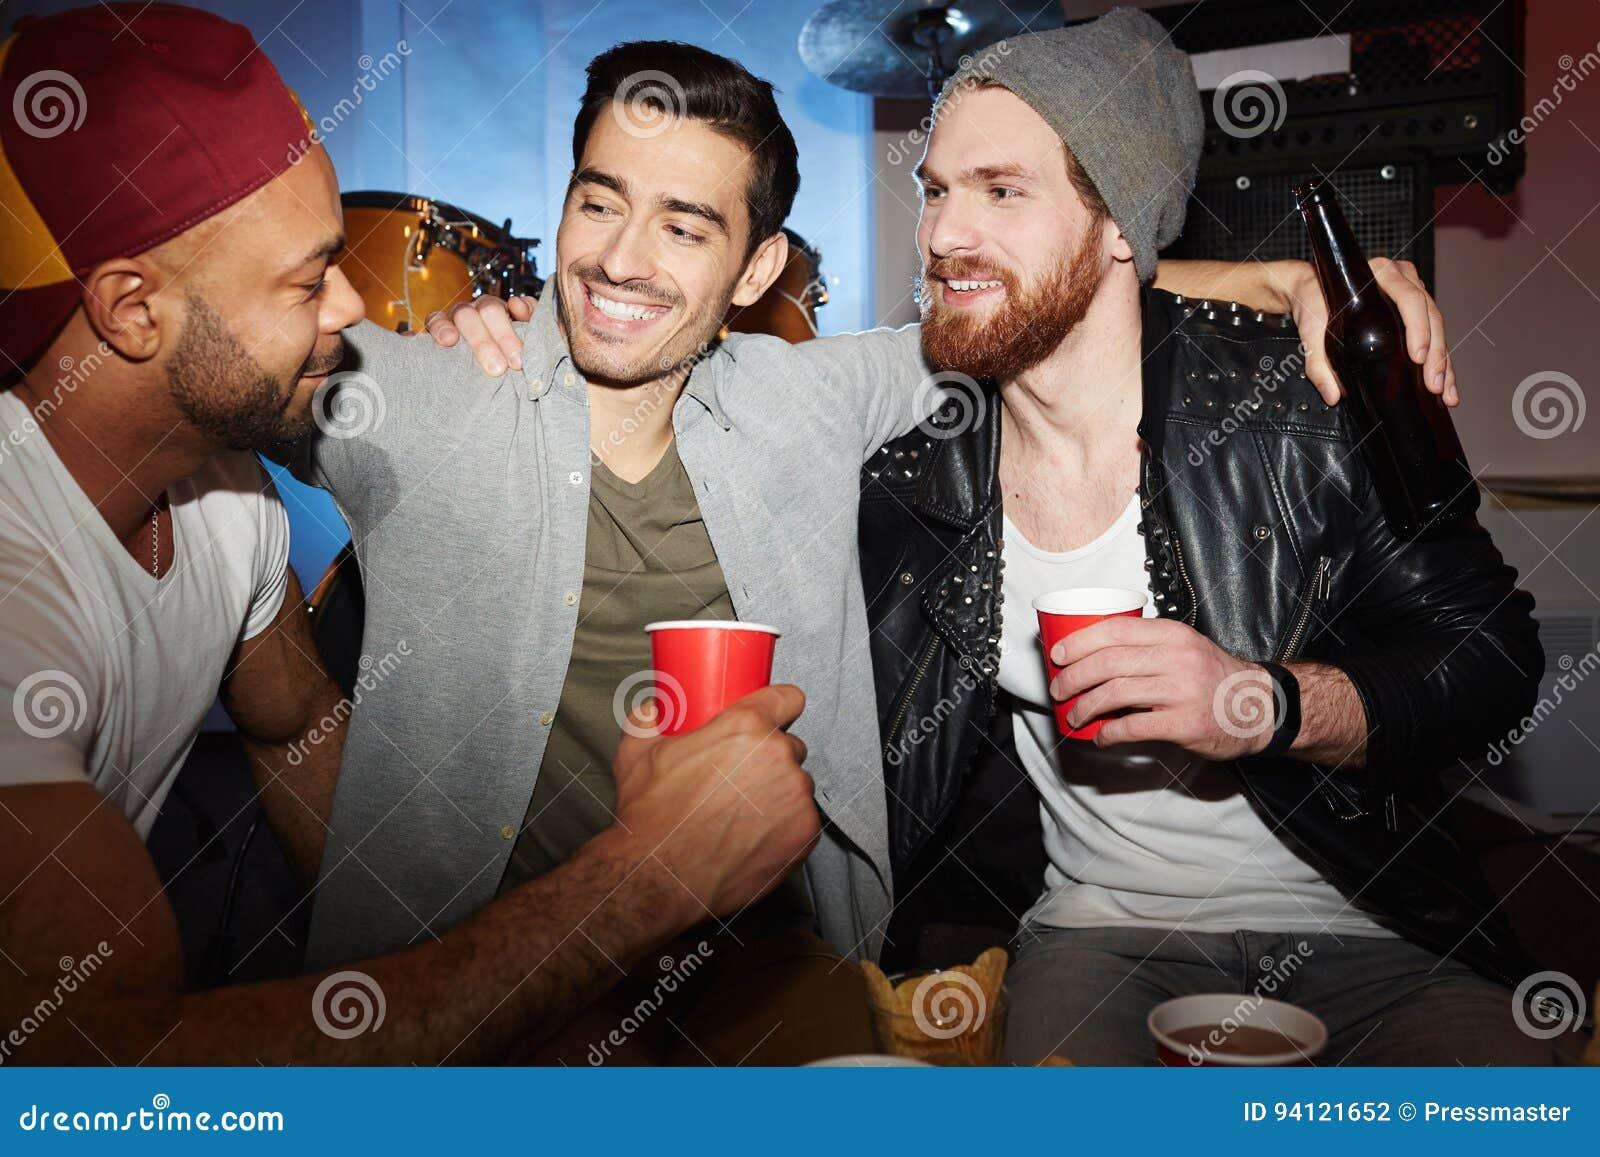 Mens night club